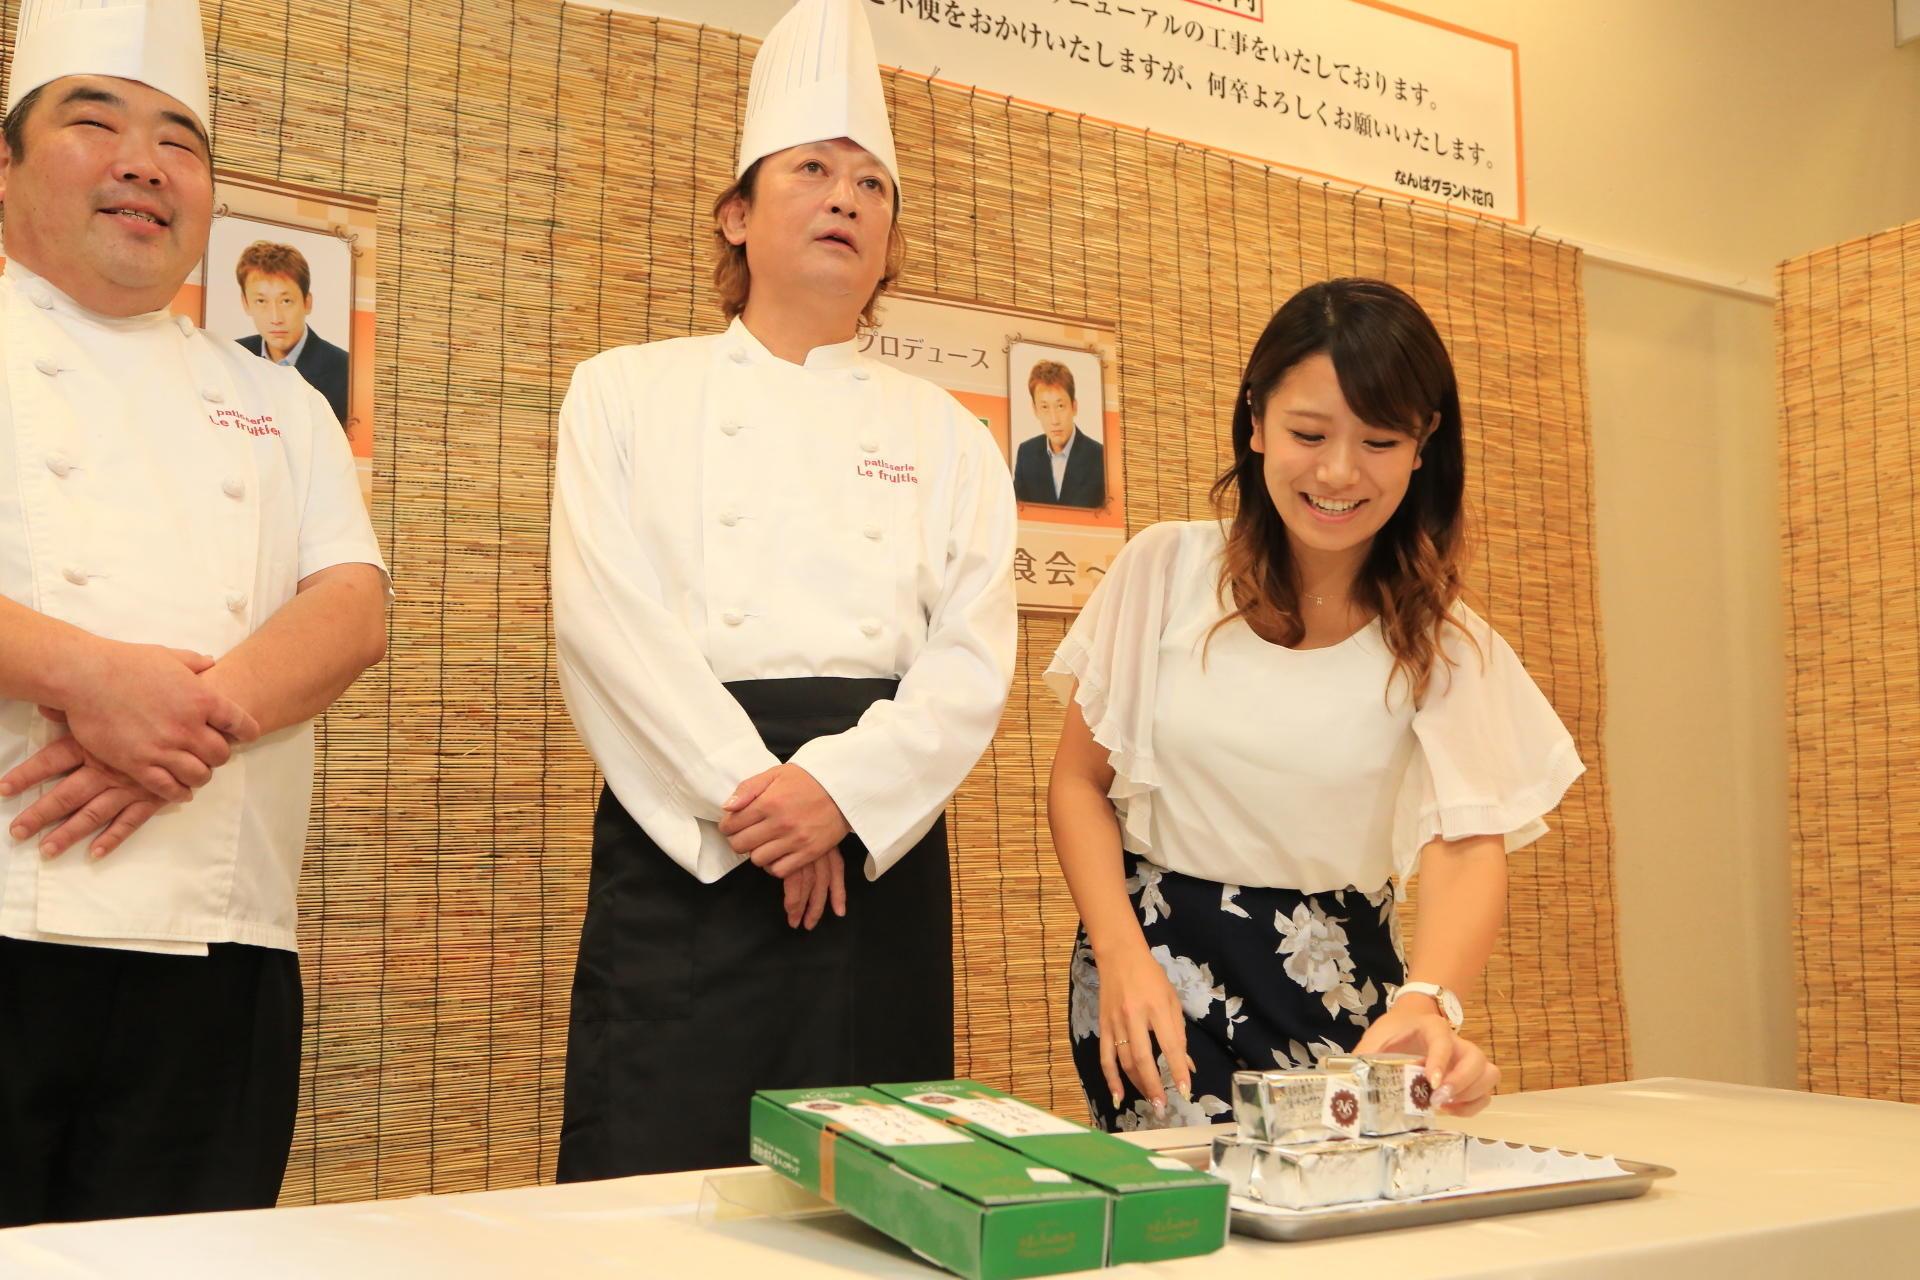 http://news.yoshimoto.co.jp/20170815162844-ac46f3c8e4526d0d00ff4b48d6943616c409ddcf.jpg